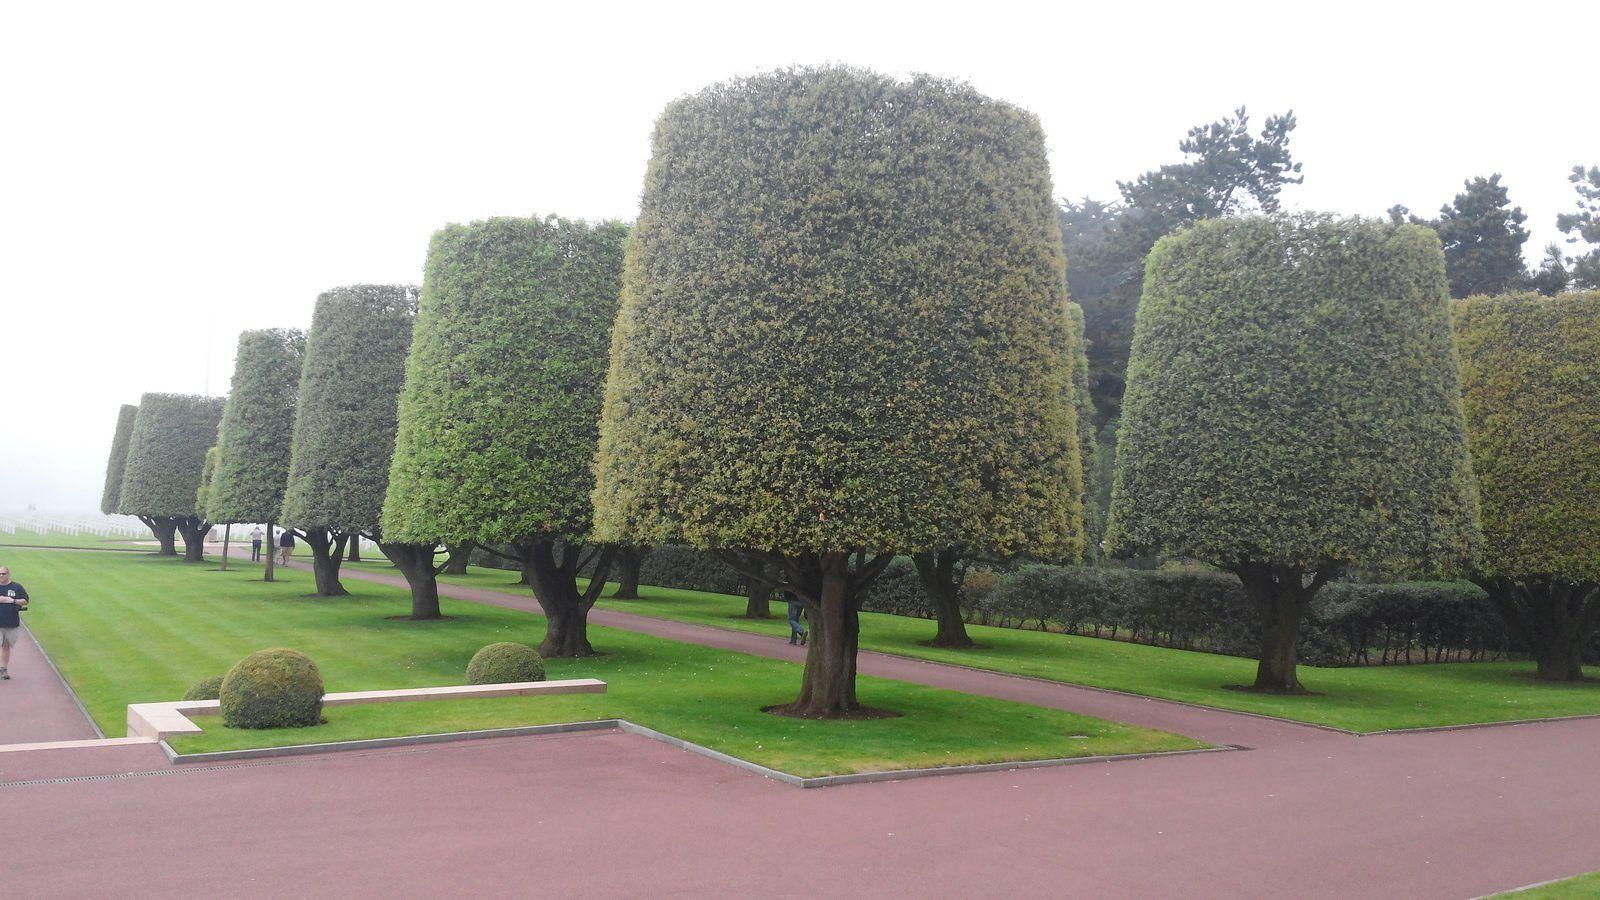 Divers arbres superbement bien taillés, agrémentent les pelouses superbement bien entretenues.